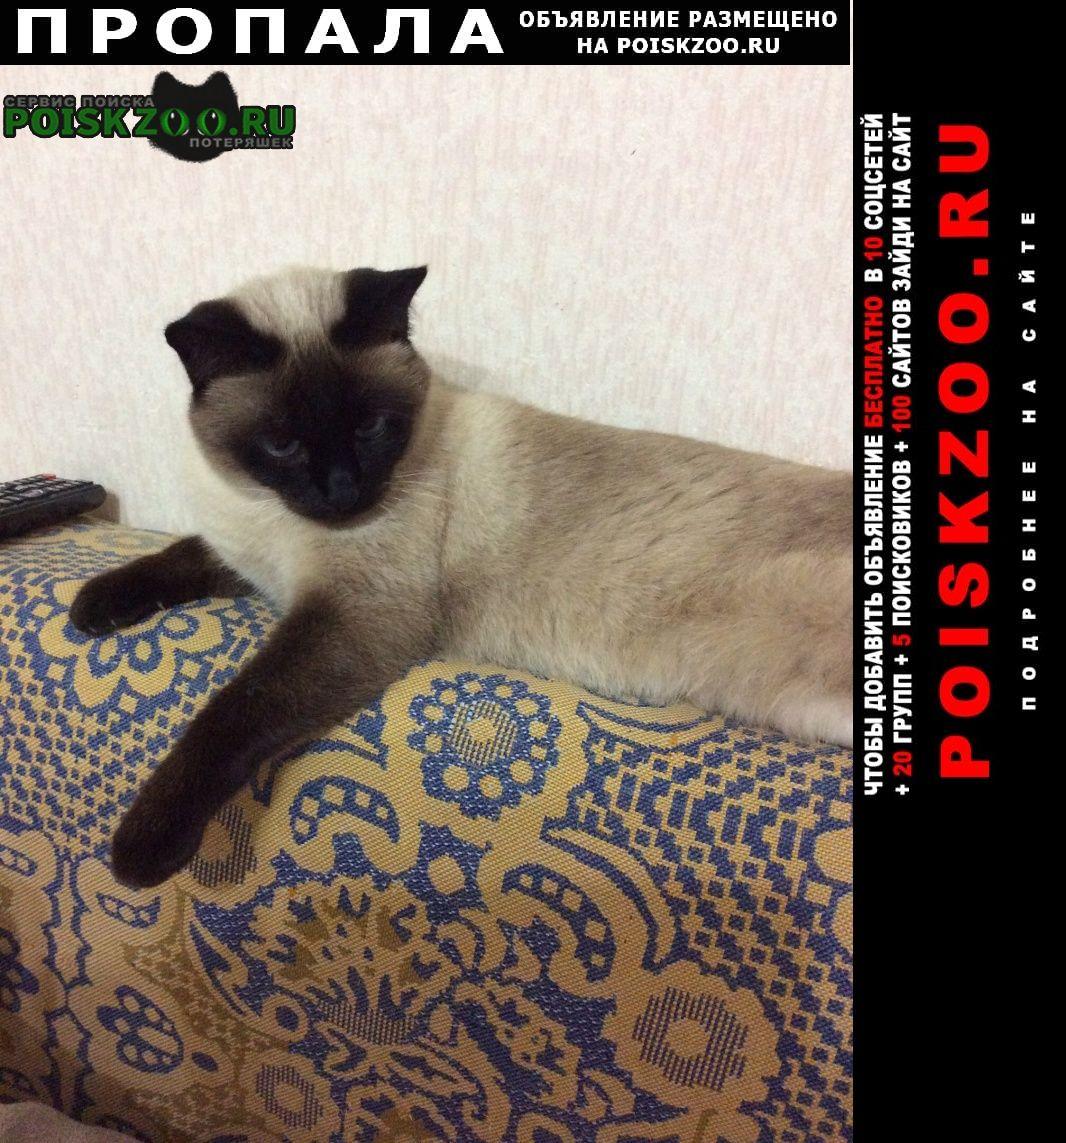 Пропала кошка зовут кира Ростов-на-Дону